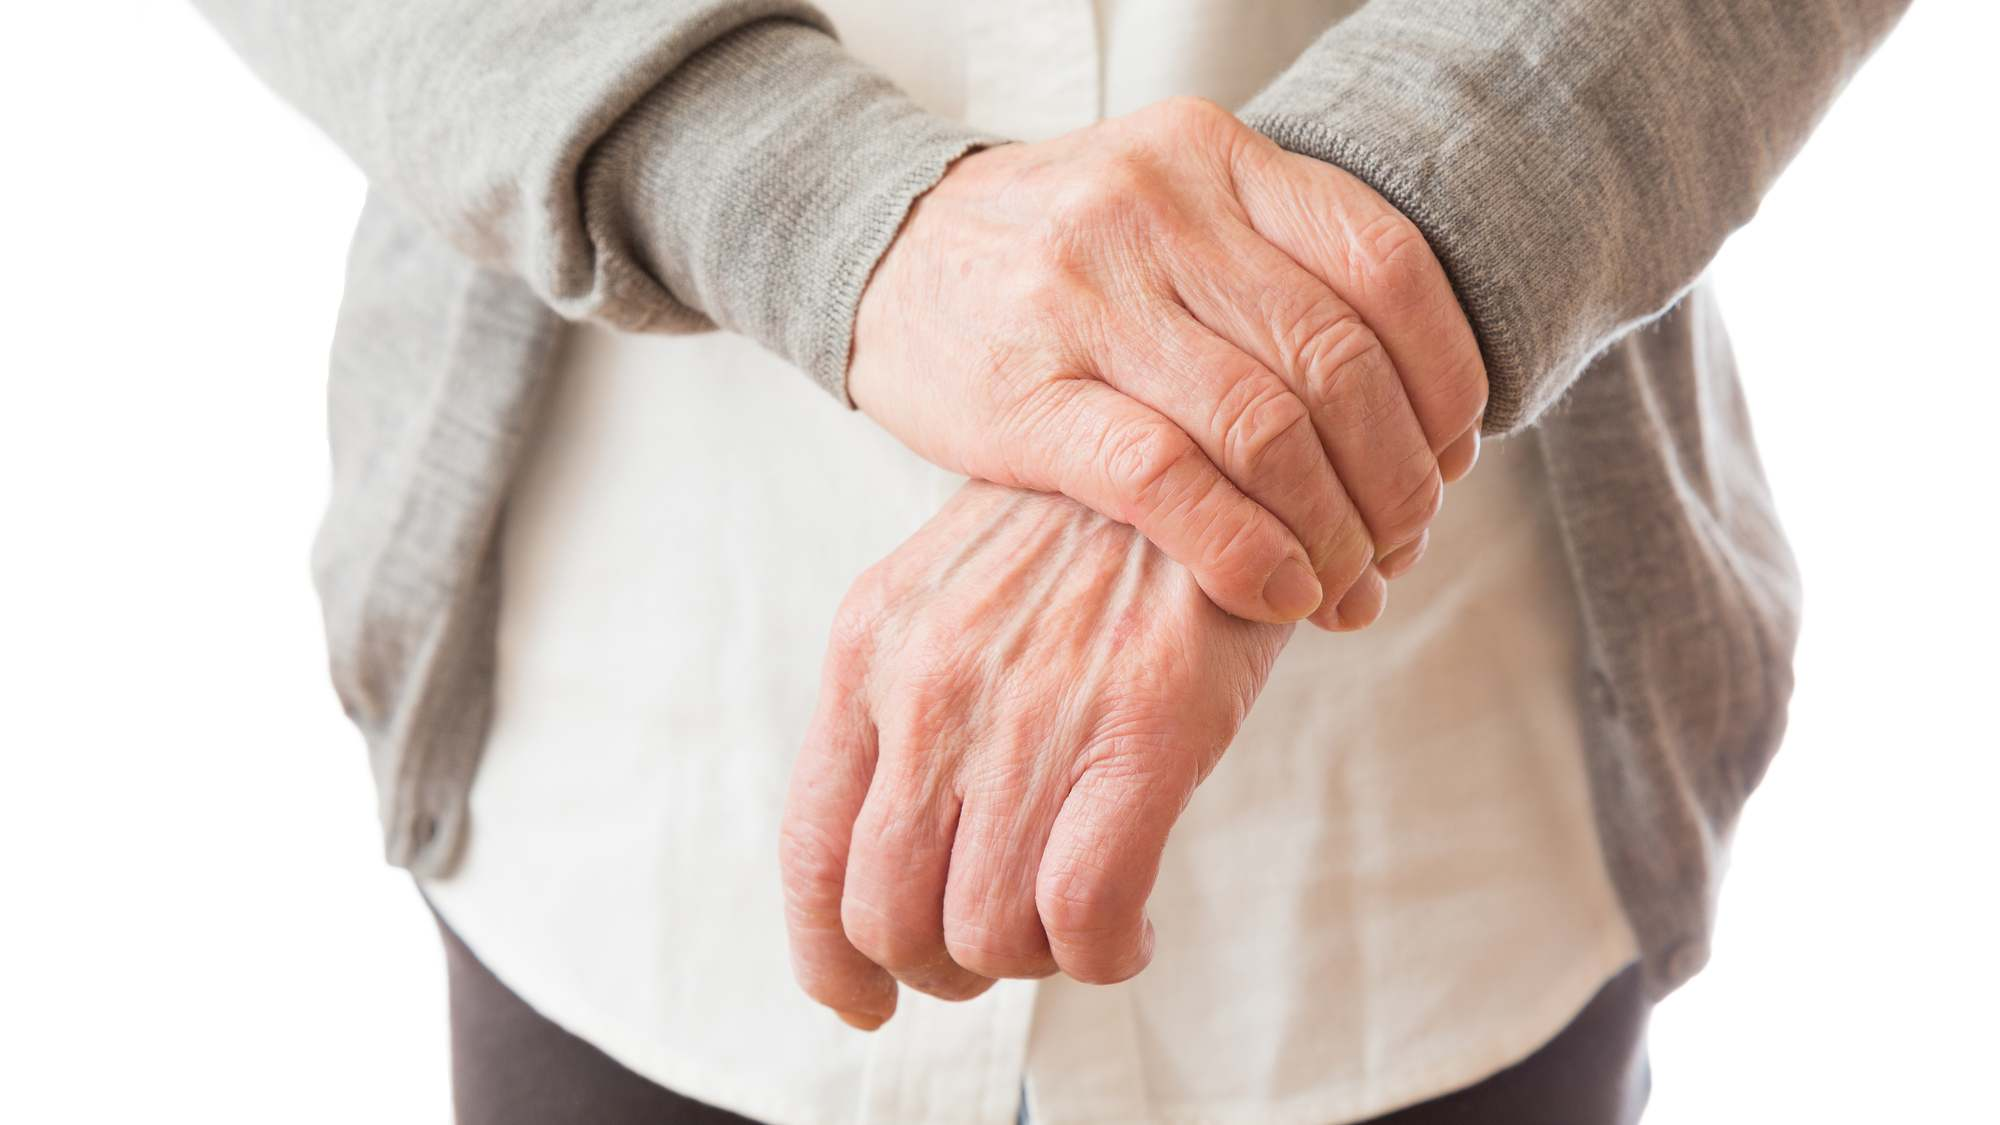 「お義父さんが落ちていた。」嫁が遭遇した義両親の壮絶介護